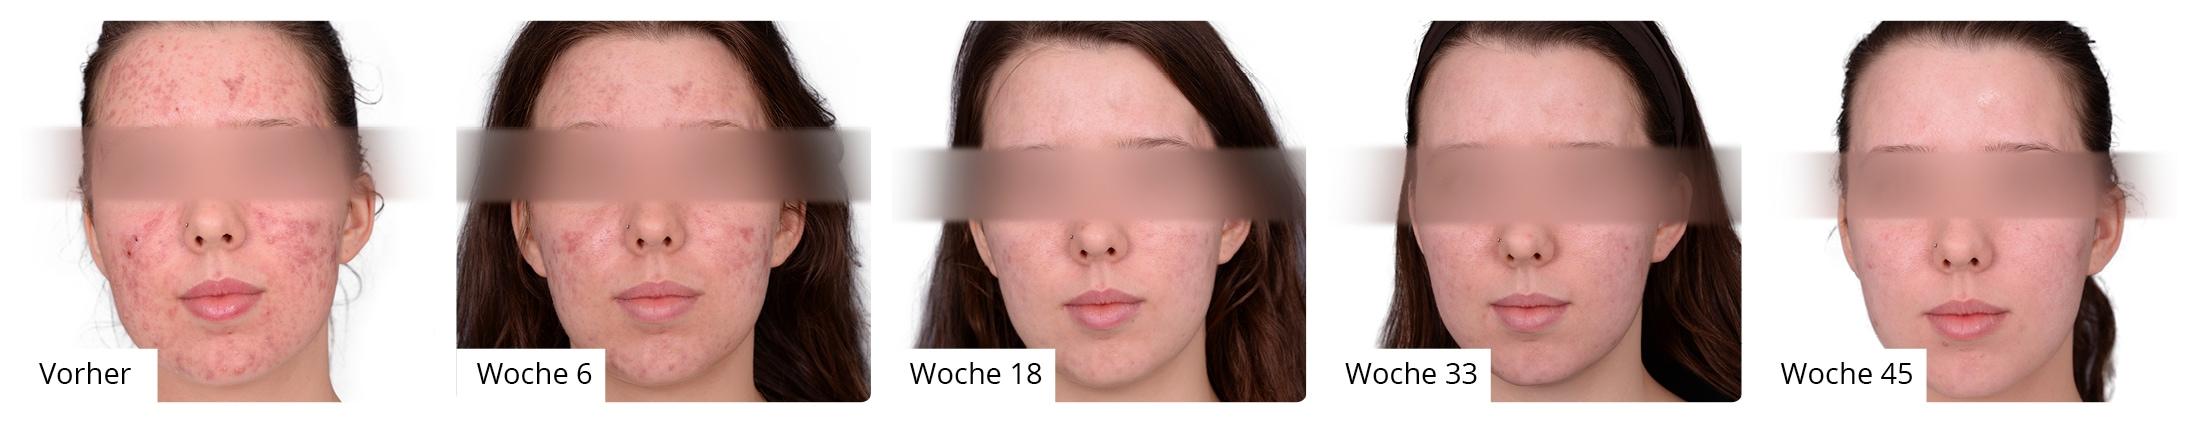 Vorher Nachher Patient 6 - Aknebehandlung - Vorher-/Nachherbilder